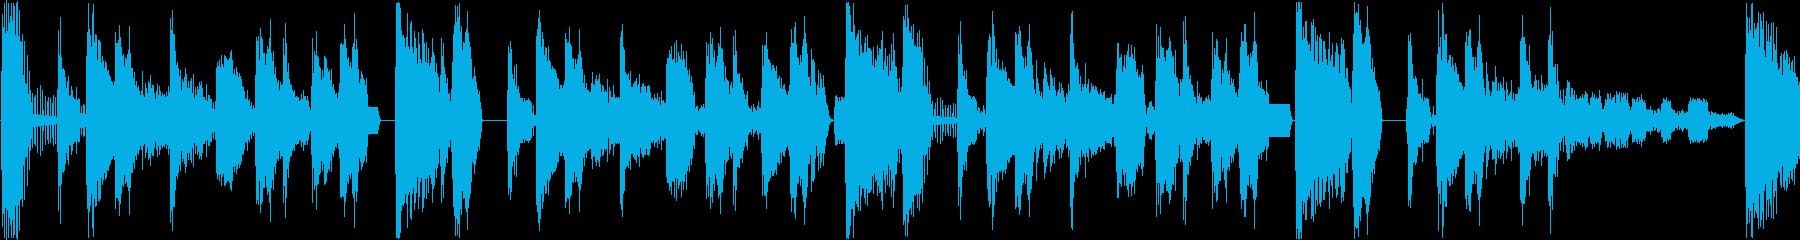 気怠い雰囲気のビートのジングル_ループの再生済みの波形